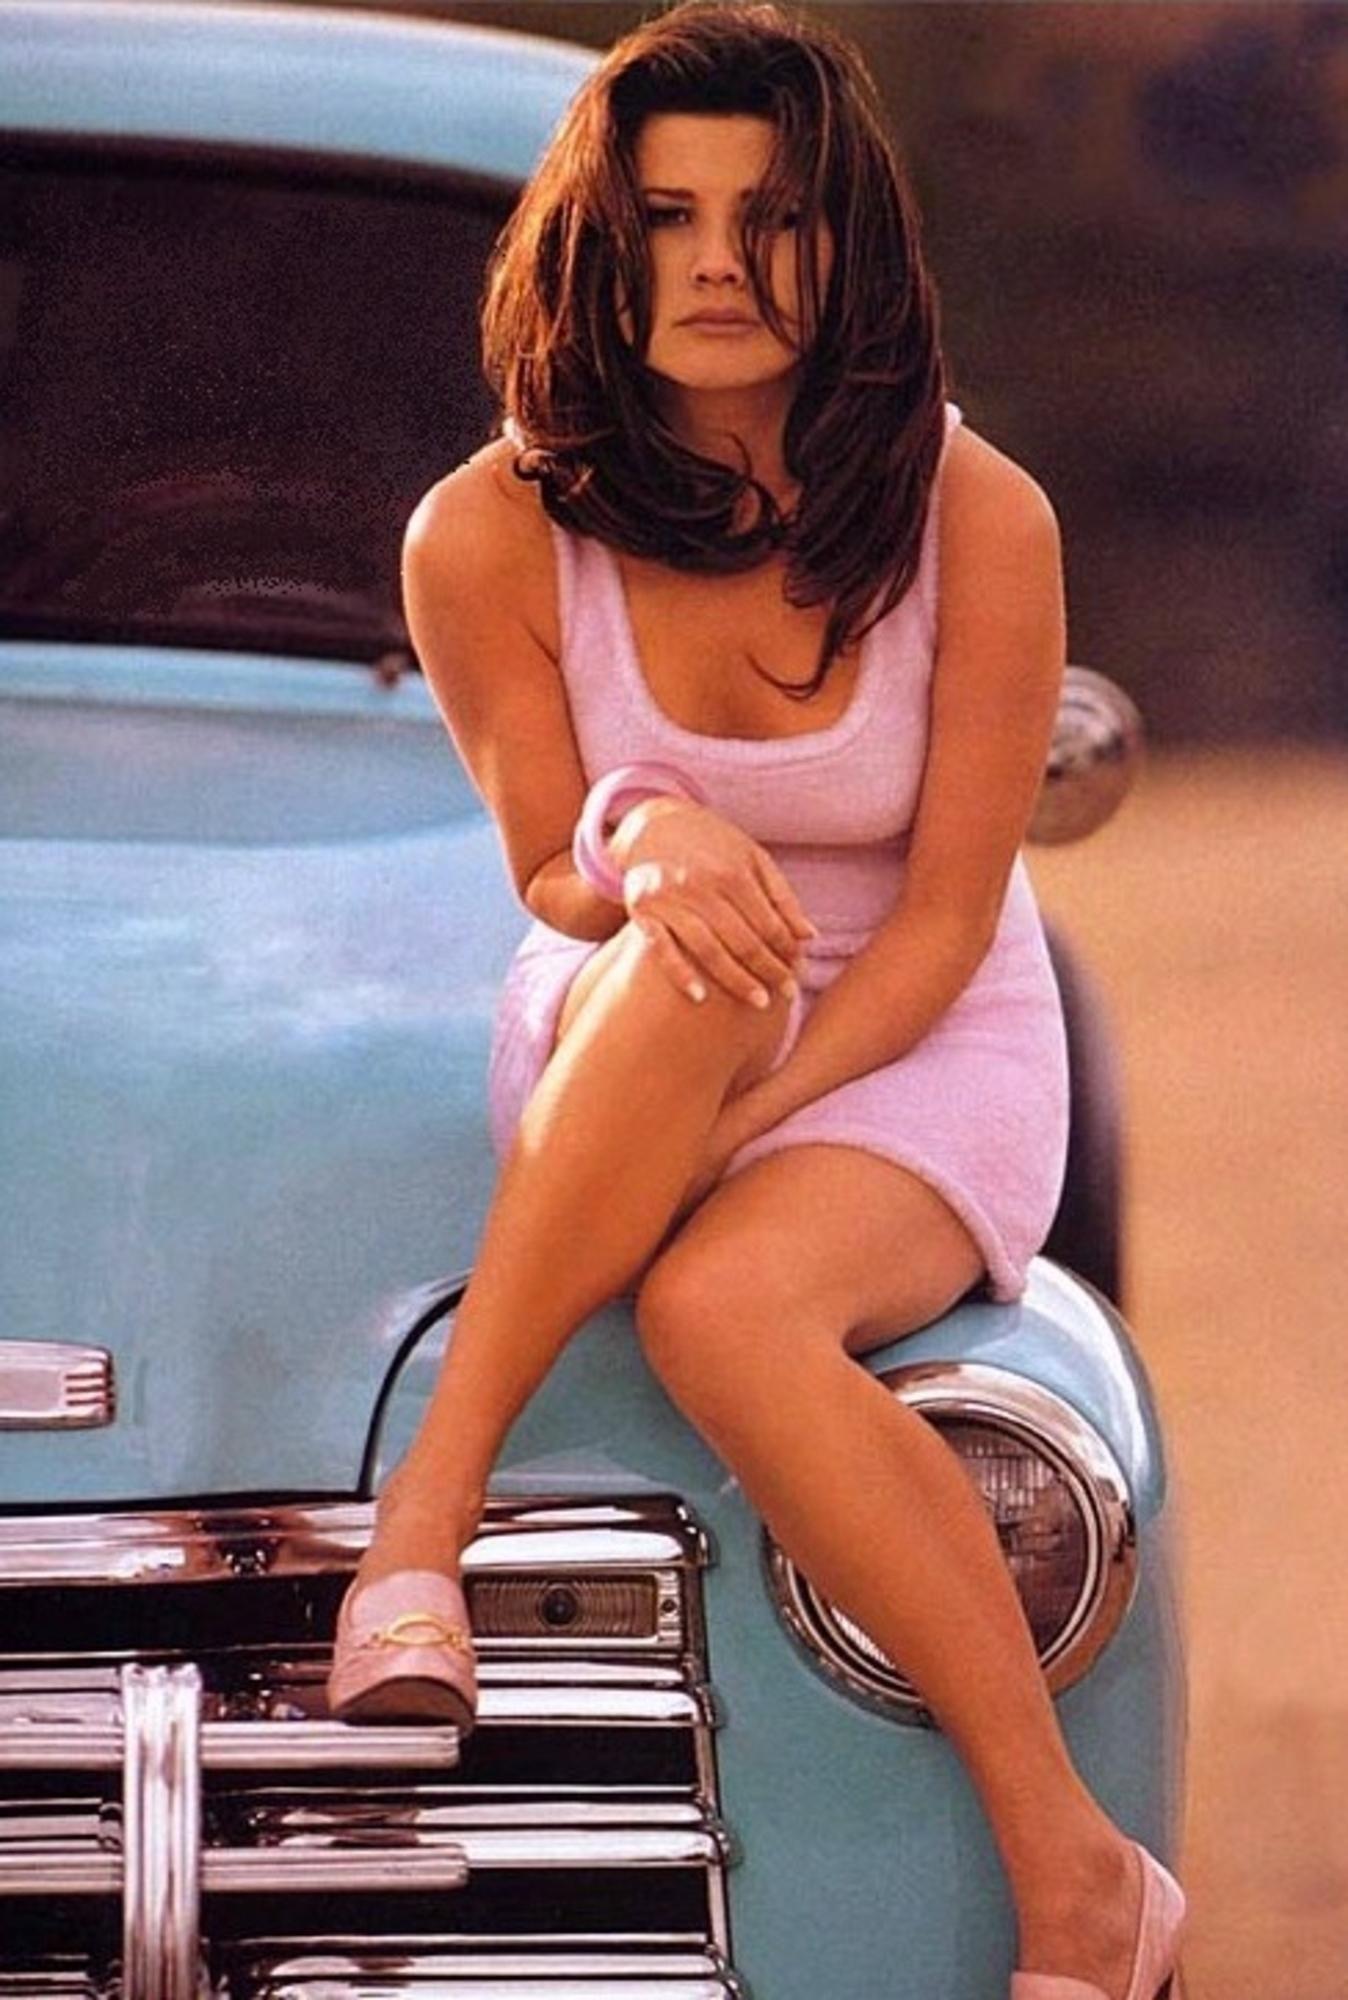 ADULT Daphne Zuniga nudes (65 photos), Hot Celebrites pictures